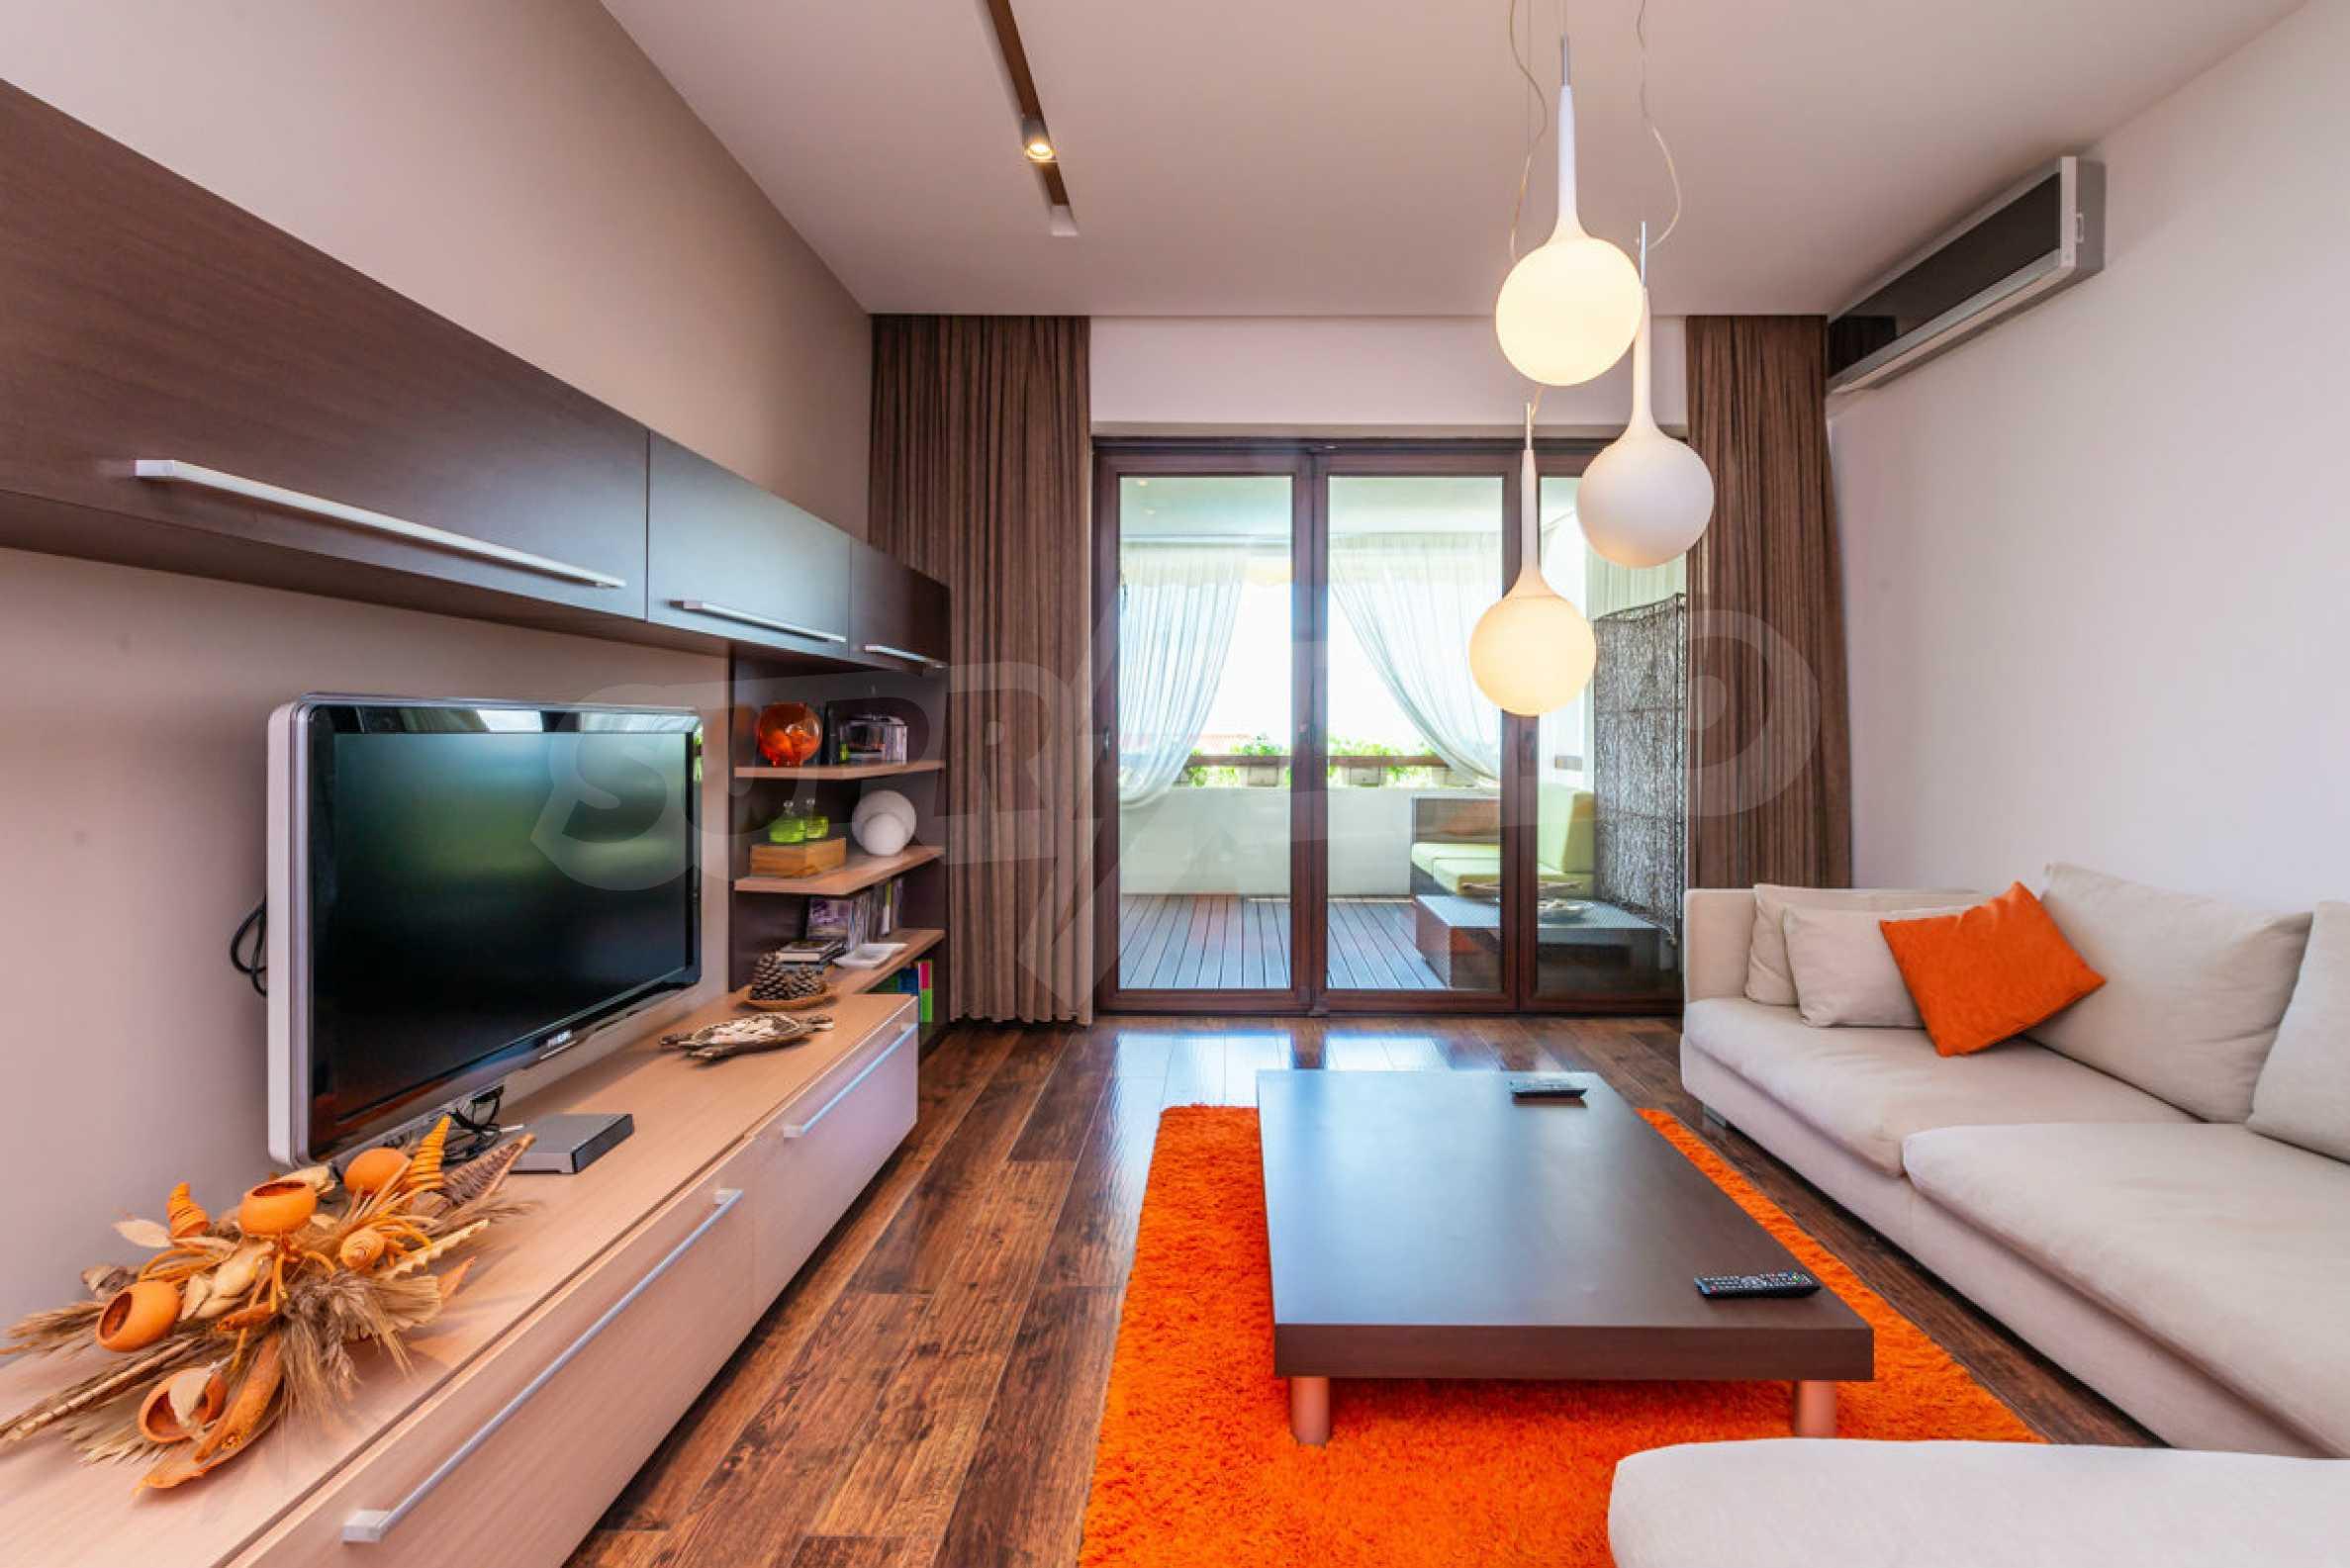 Luxus-Apartment mit einem Schlafzimmer mit spektakulärem Meerblick